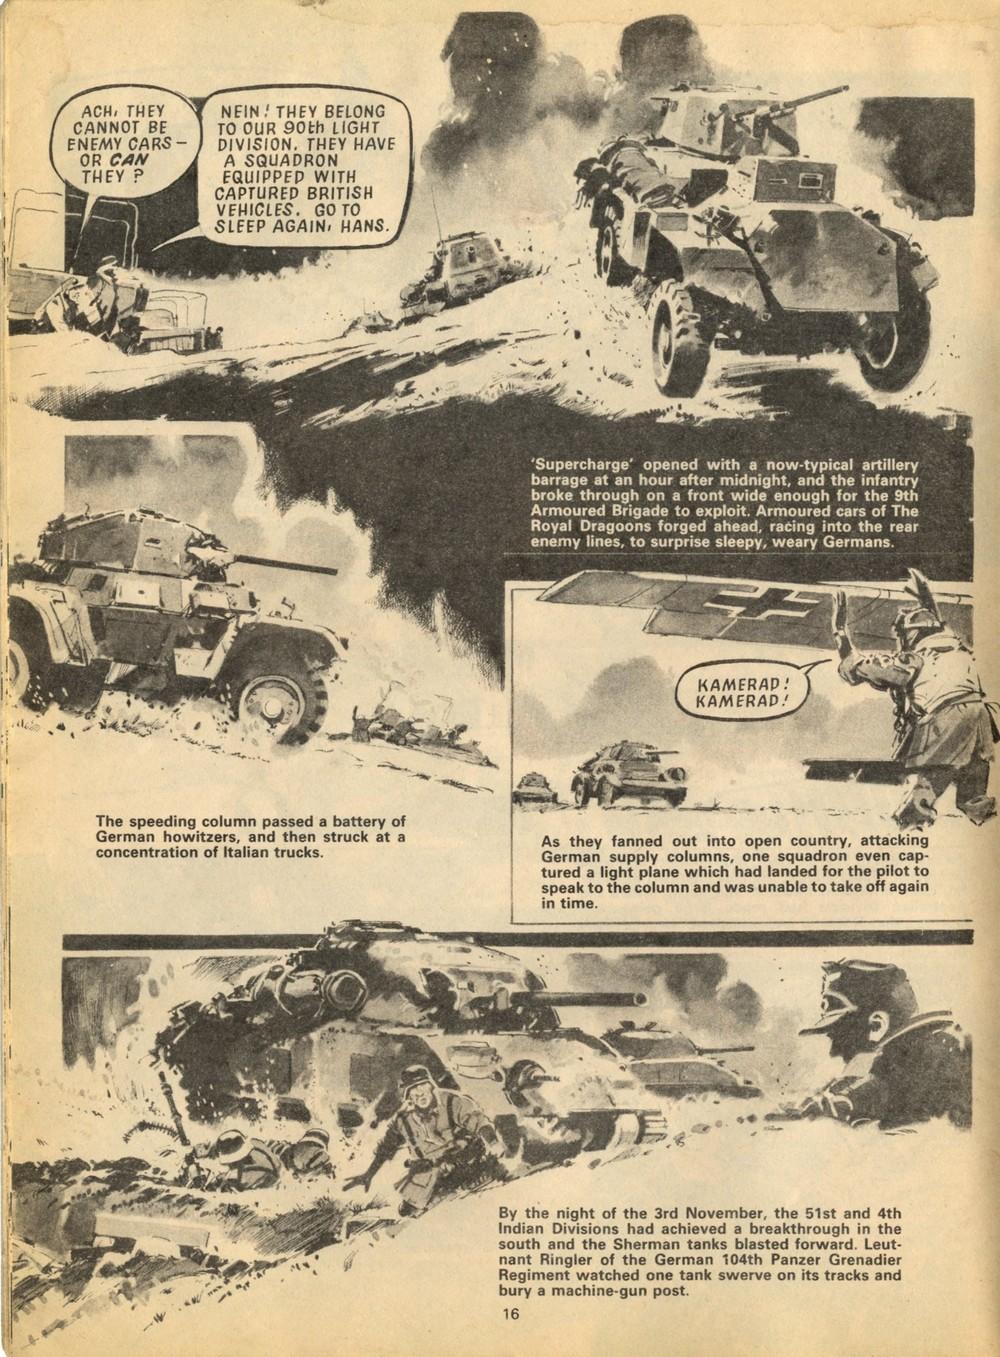 The Battle of El Alamein: Jim Watson (artist)